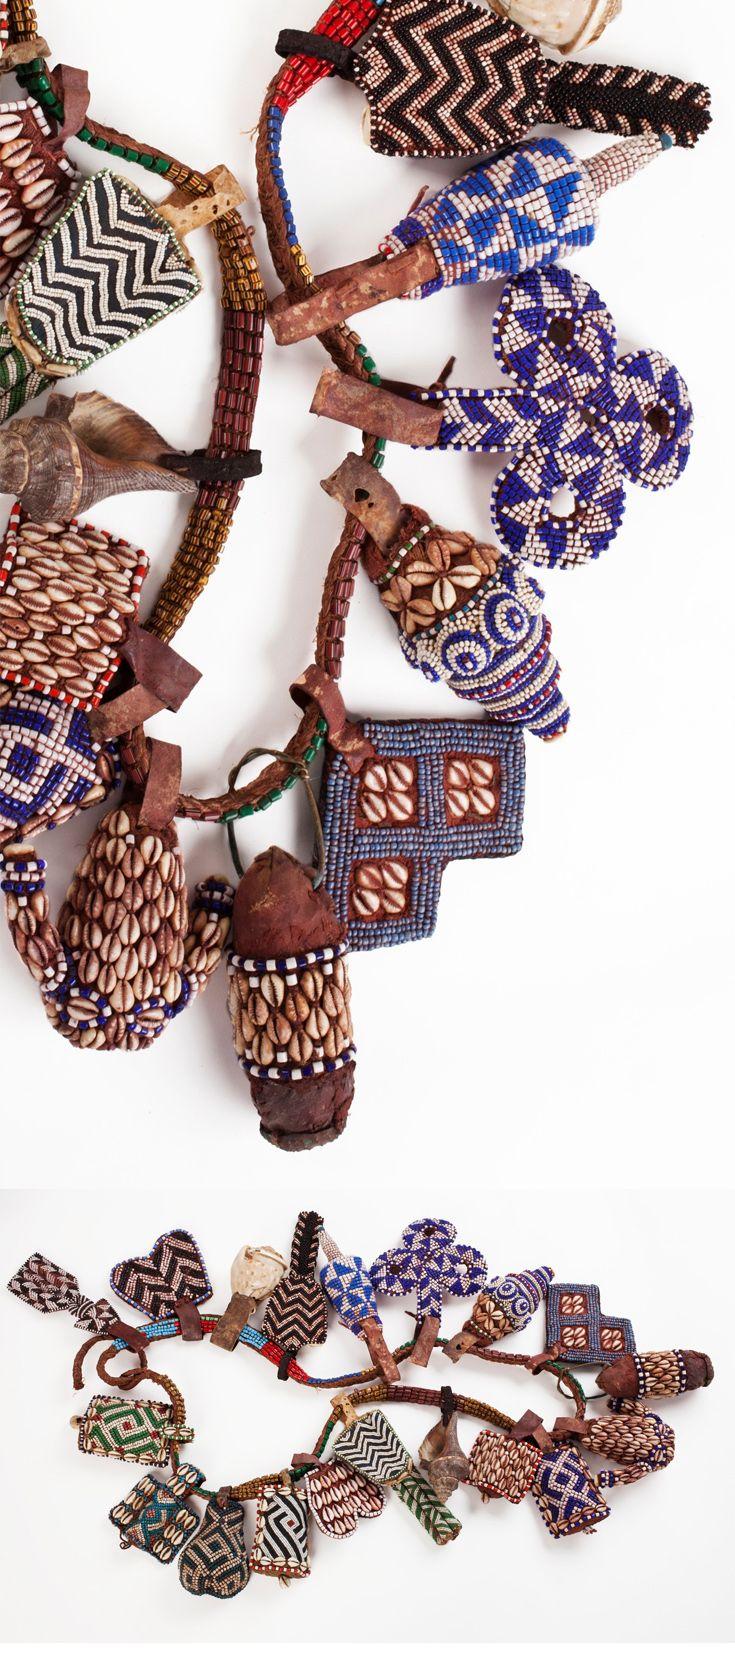 Piezas de artesanía local como collares, cinturones.. Sobre la cama, en el baño.